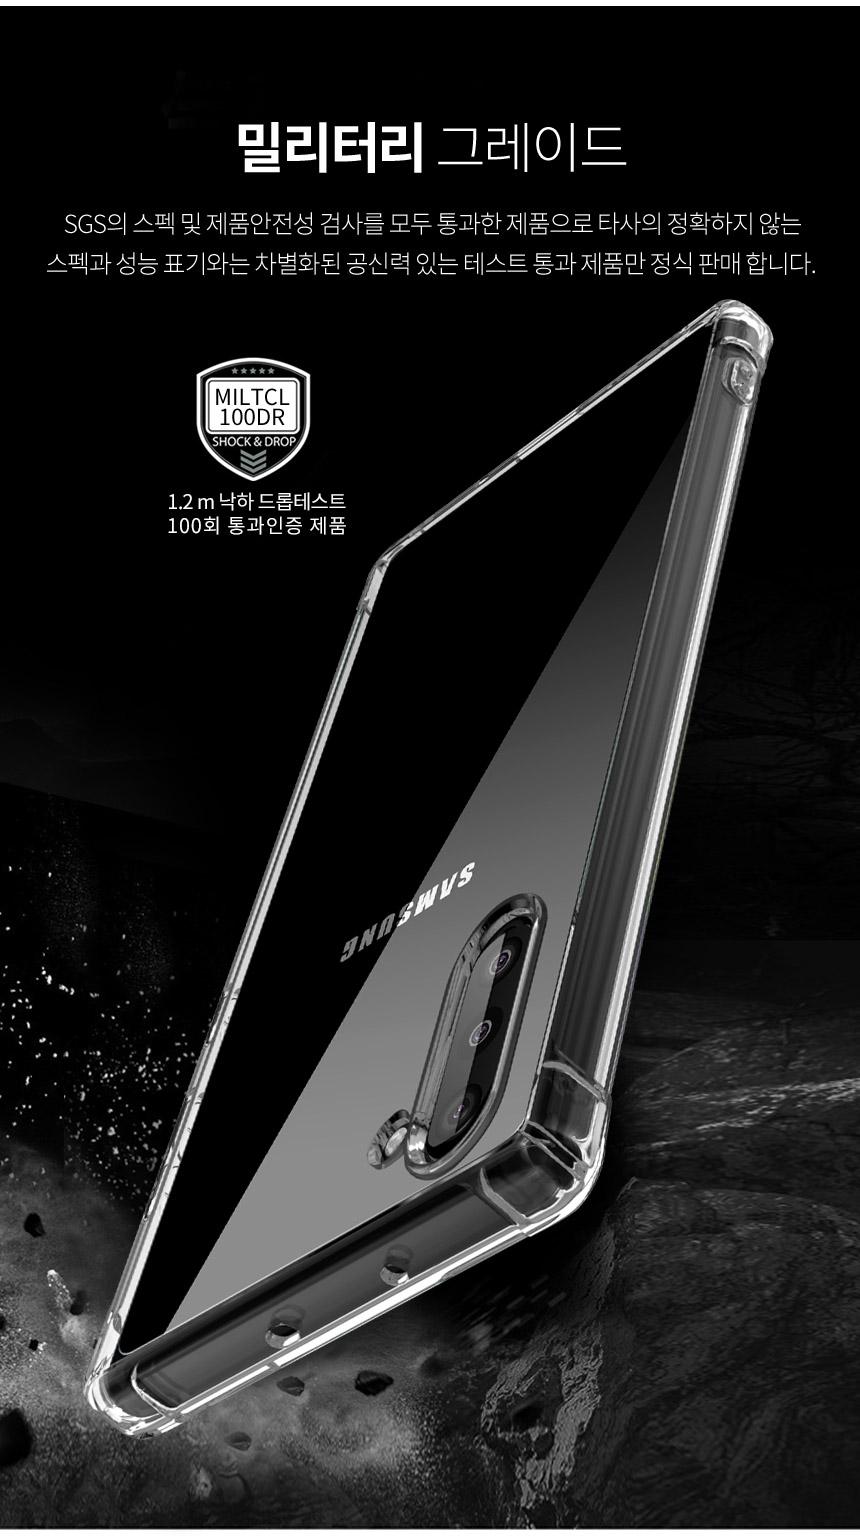 갤럭시노트10 플러스 케이스 이지스 - 아이엠듀, 10,900원, 케이스, 갤럭시 노트10+